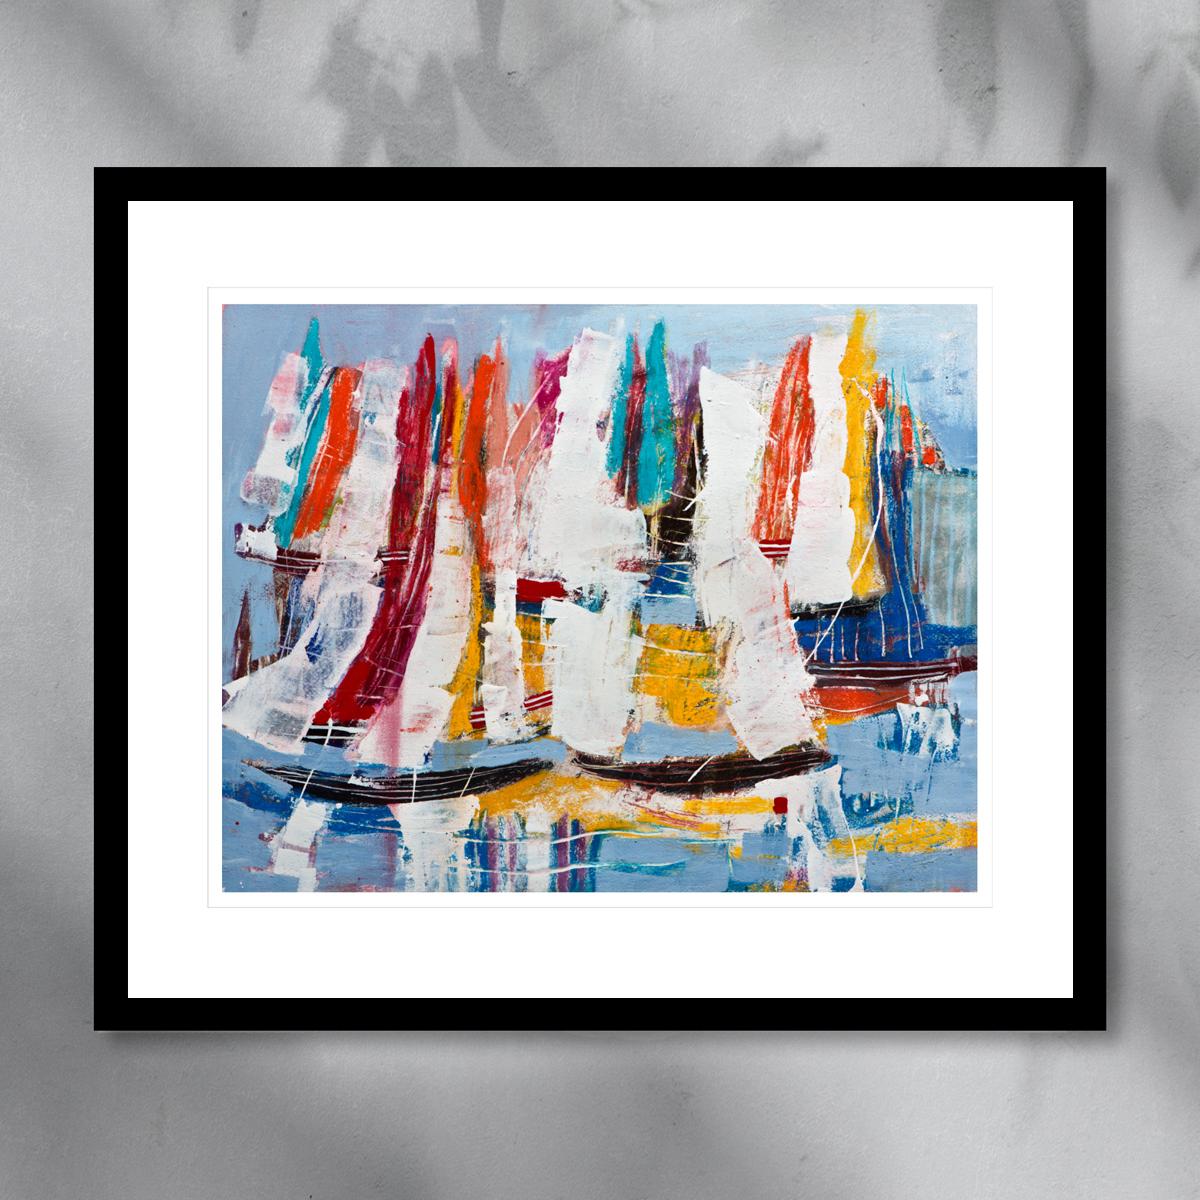 Seilbåter i morgensole, malt med pastellfarger av rødt, hvitt og blått. Håndkolorert grafikk av Øivind Sand.